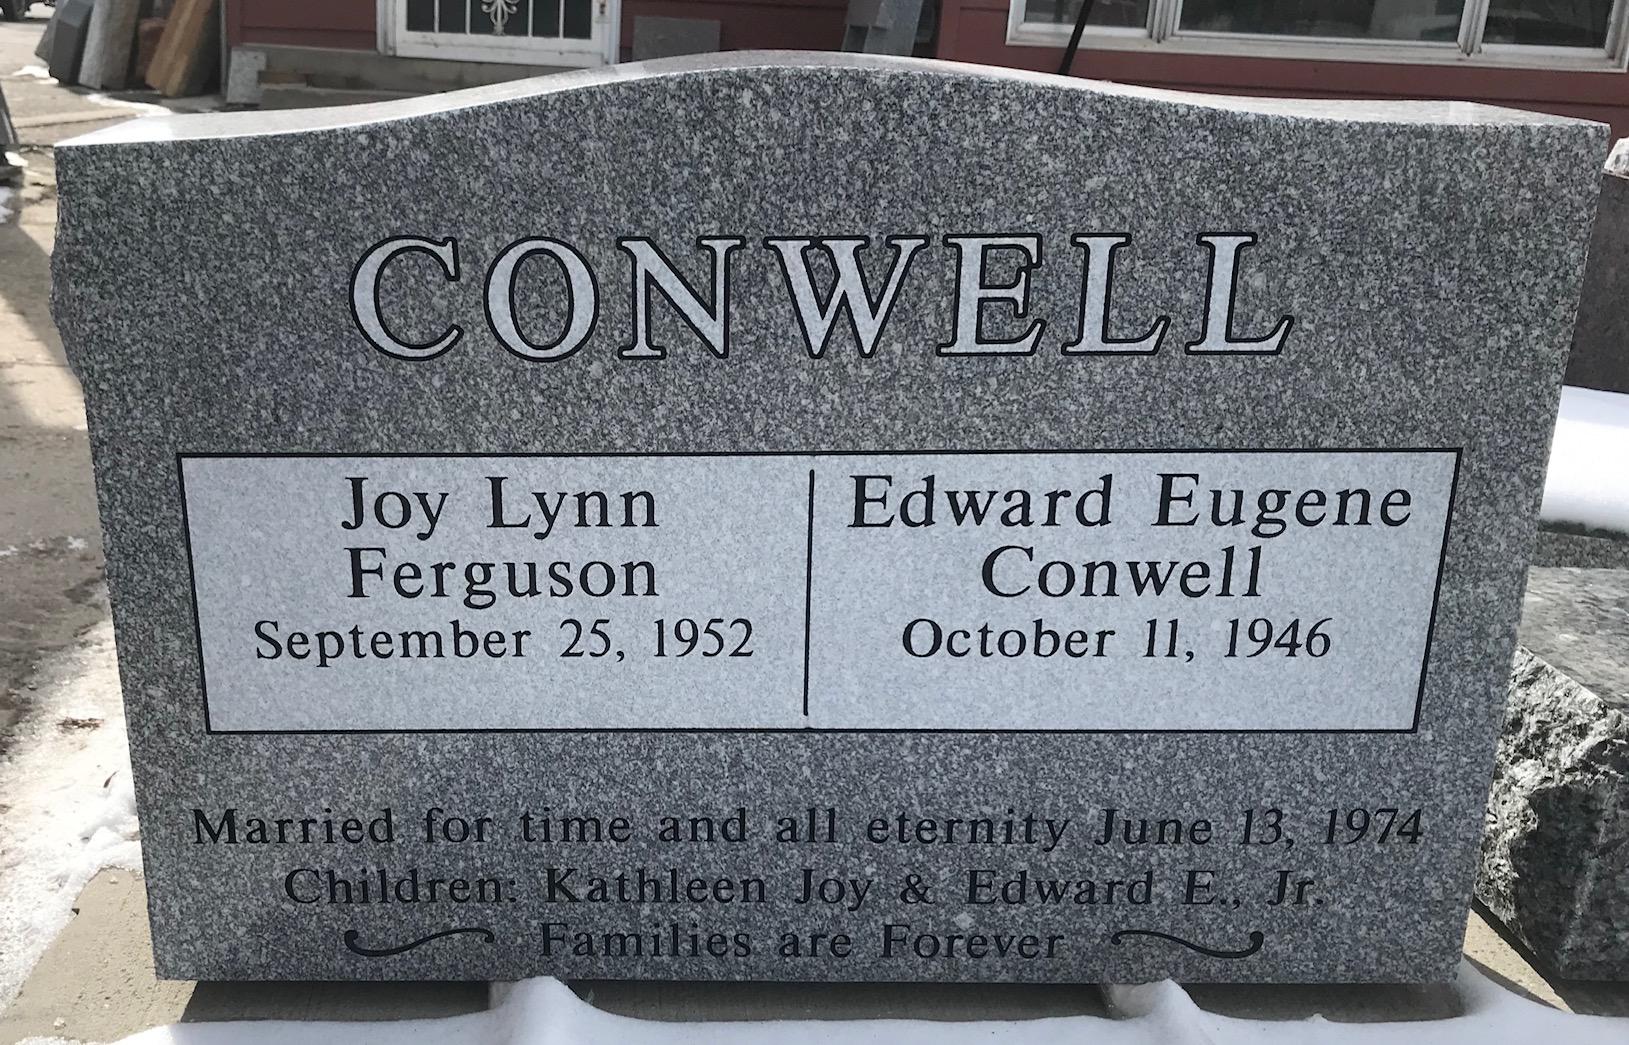 https://0201.nccdn.net/1_2/000/000/09e/7cd/23183-Conwell-front.jpg